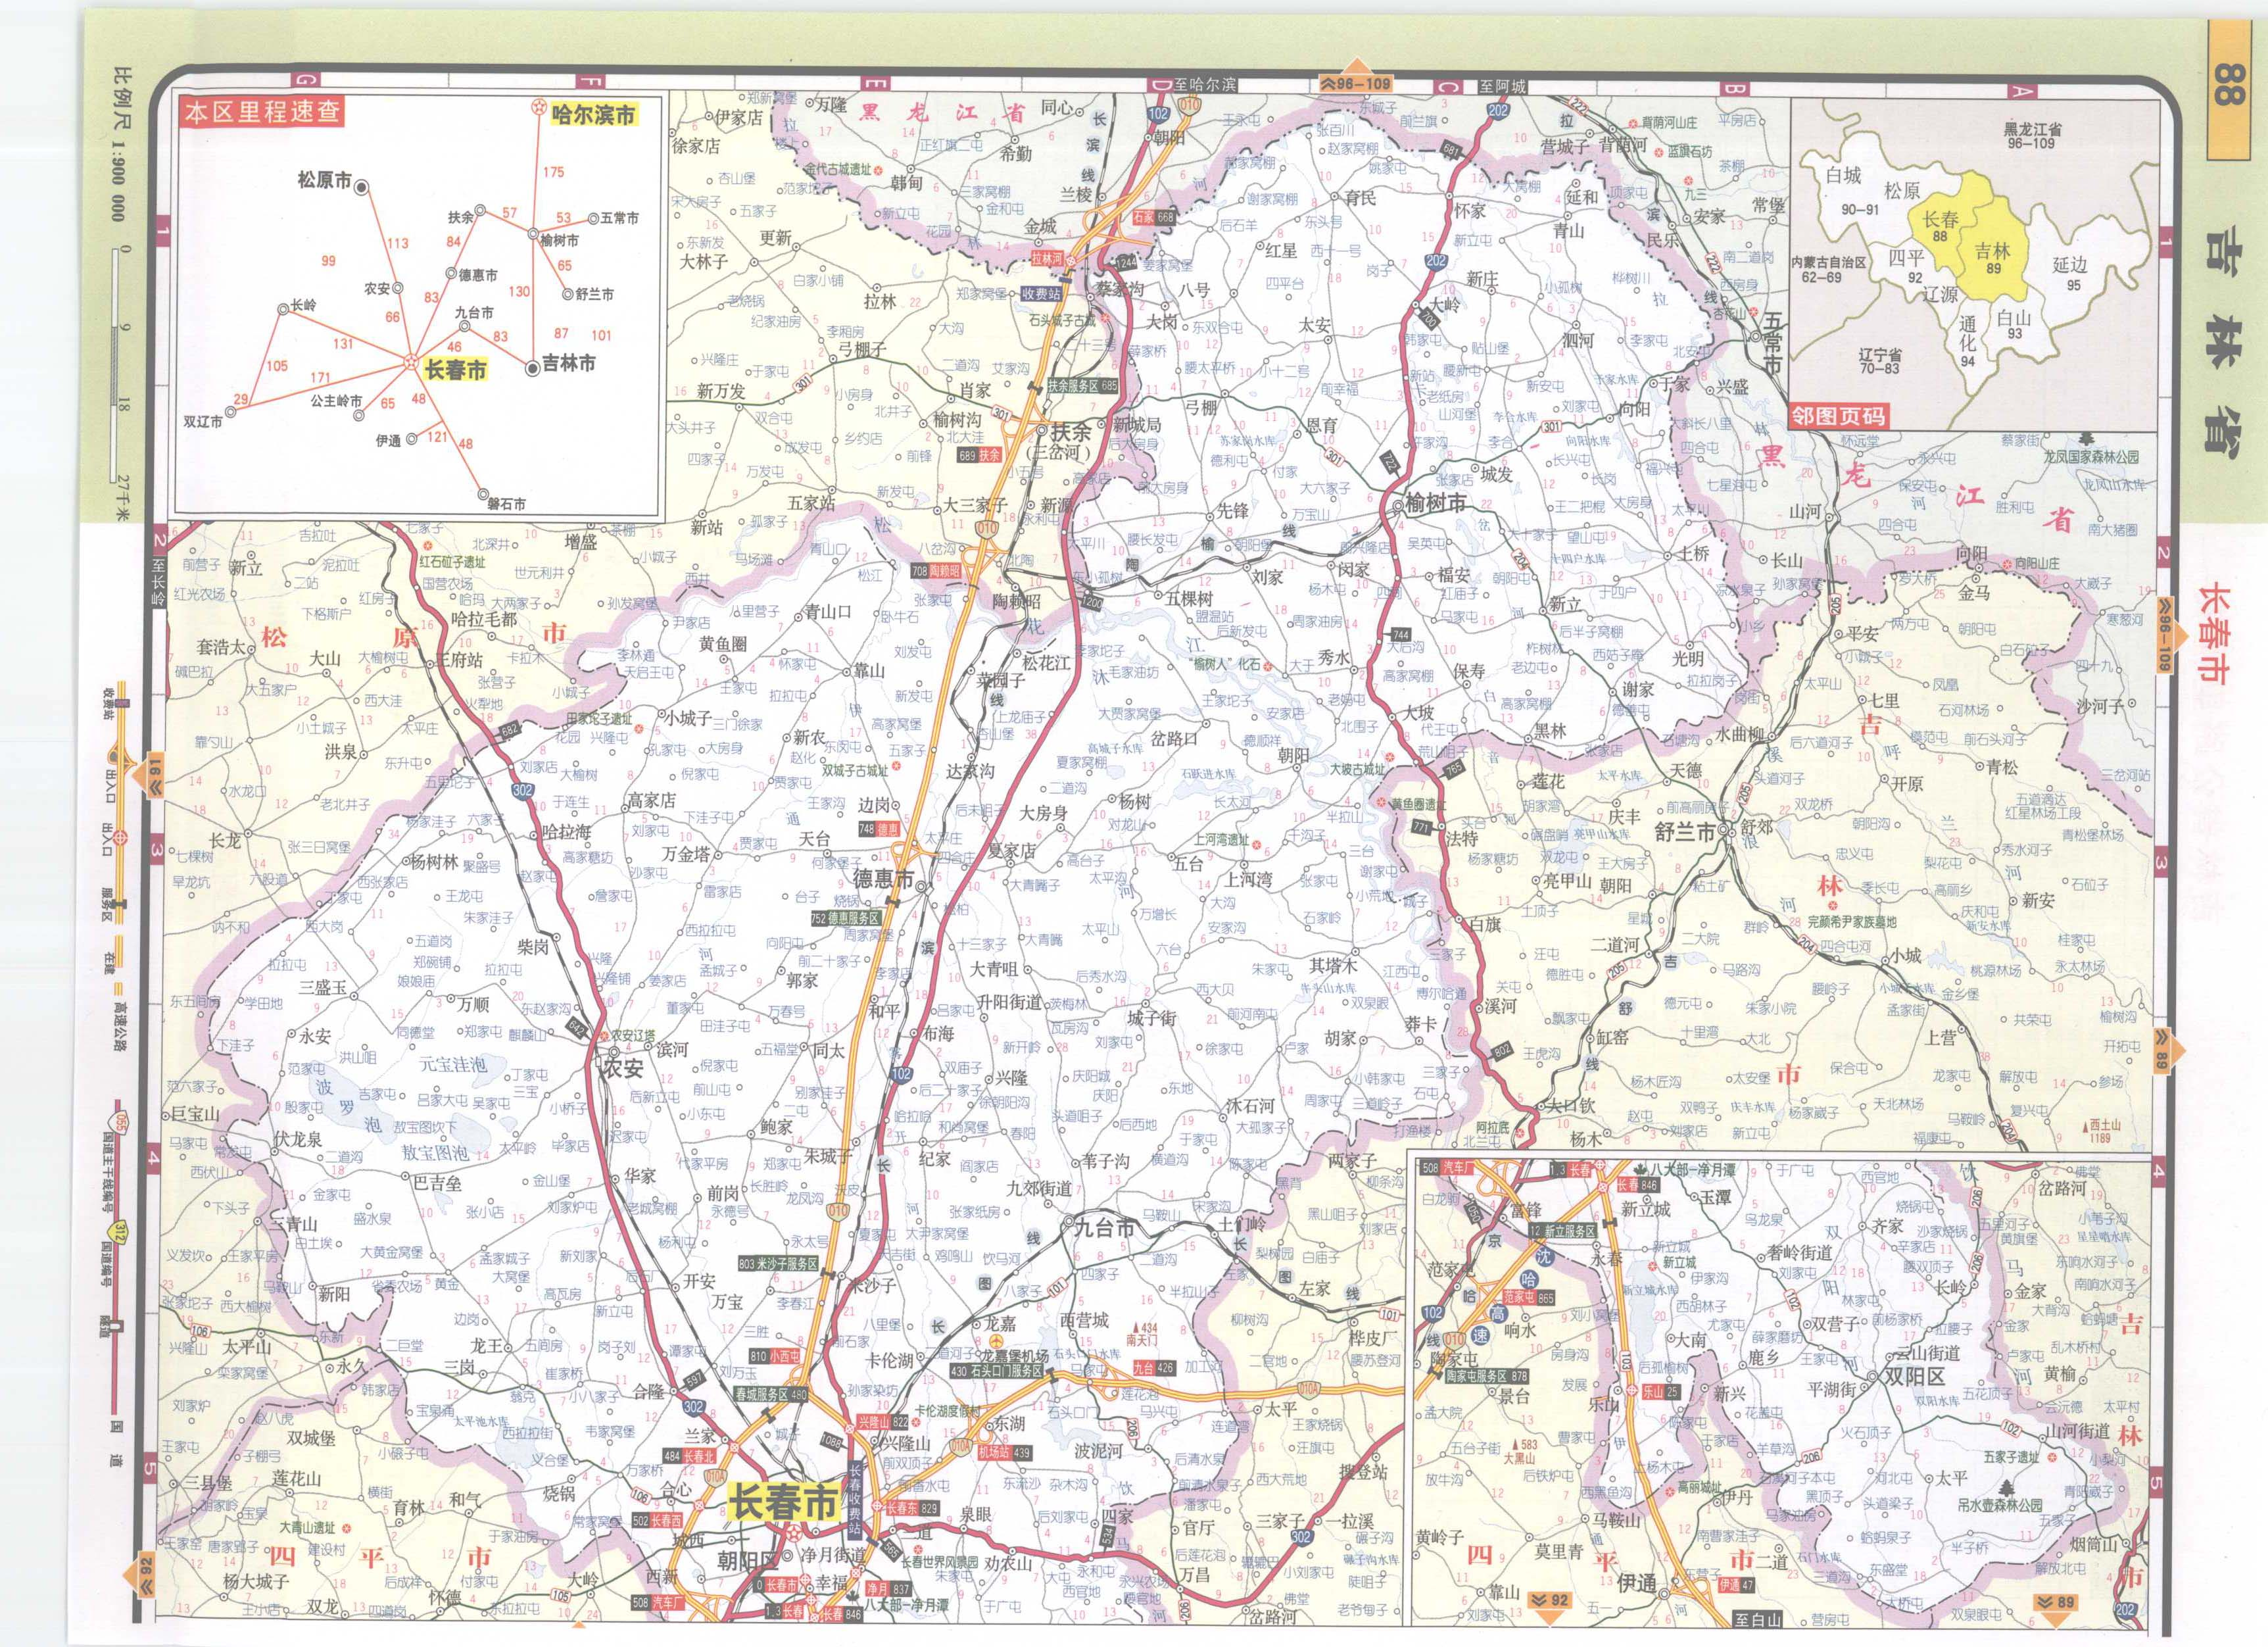 吉林省长春市高速公路网地图